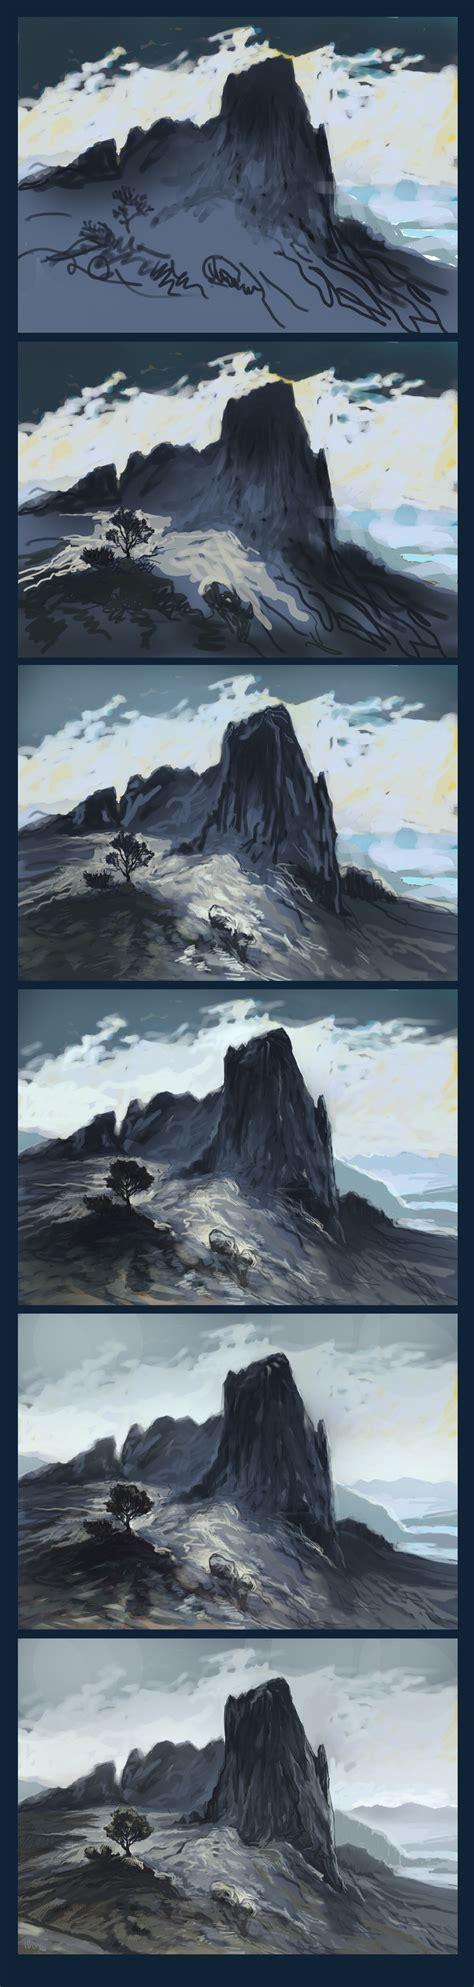 Landscape Digital Tutorial Aaa Landscape Tutorial 3 By Kresbicky On Deviantart